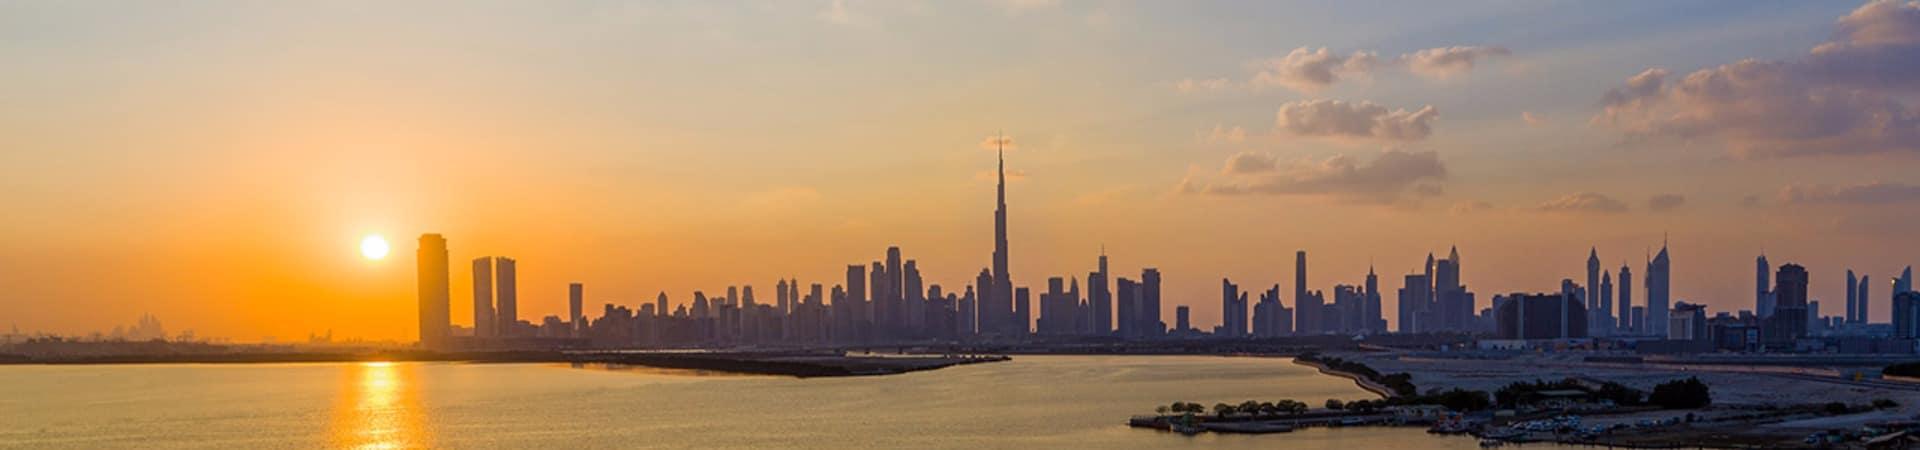 Visitdubai jaddaf waterfront